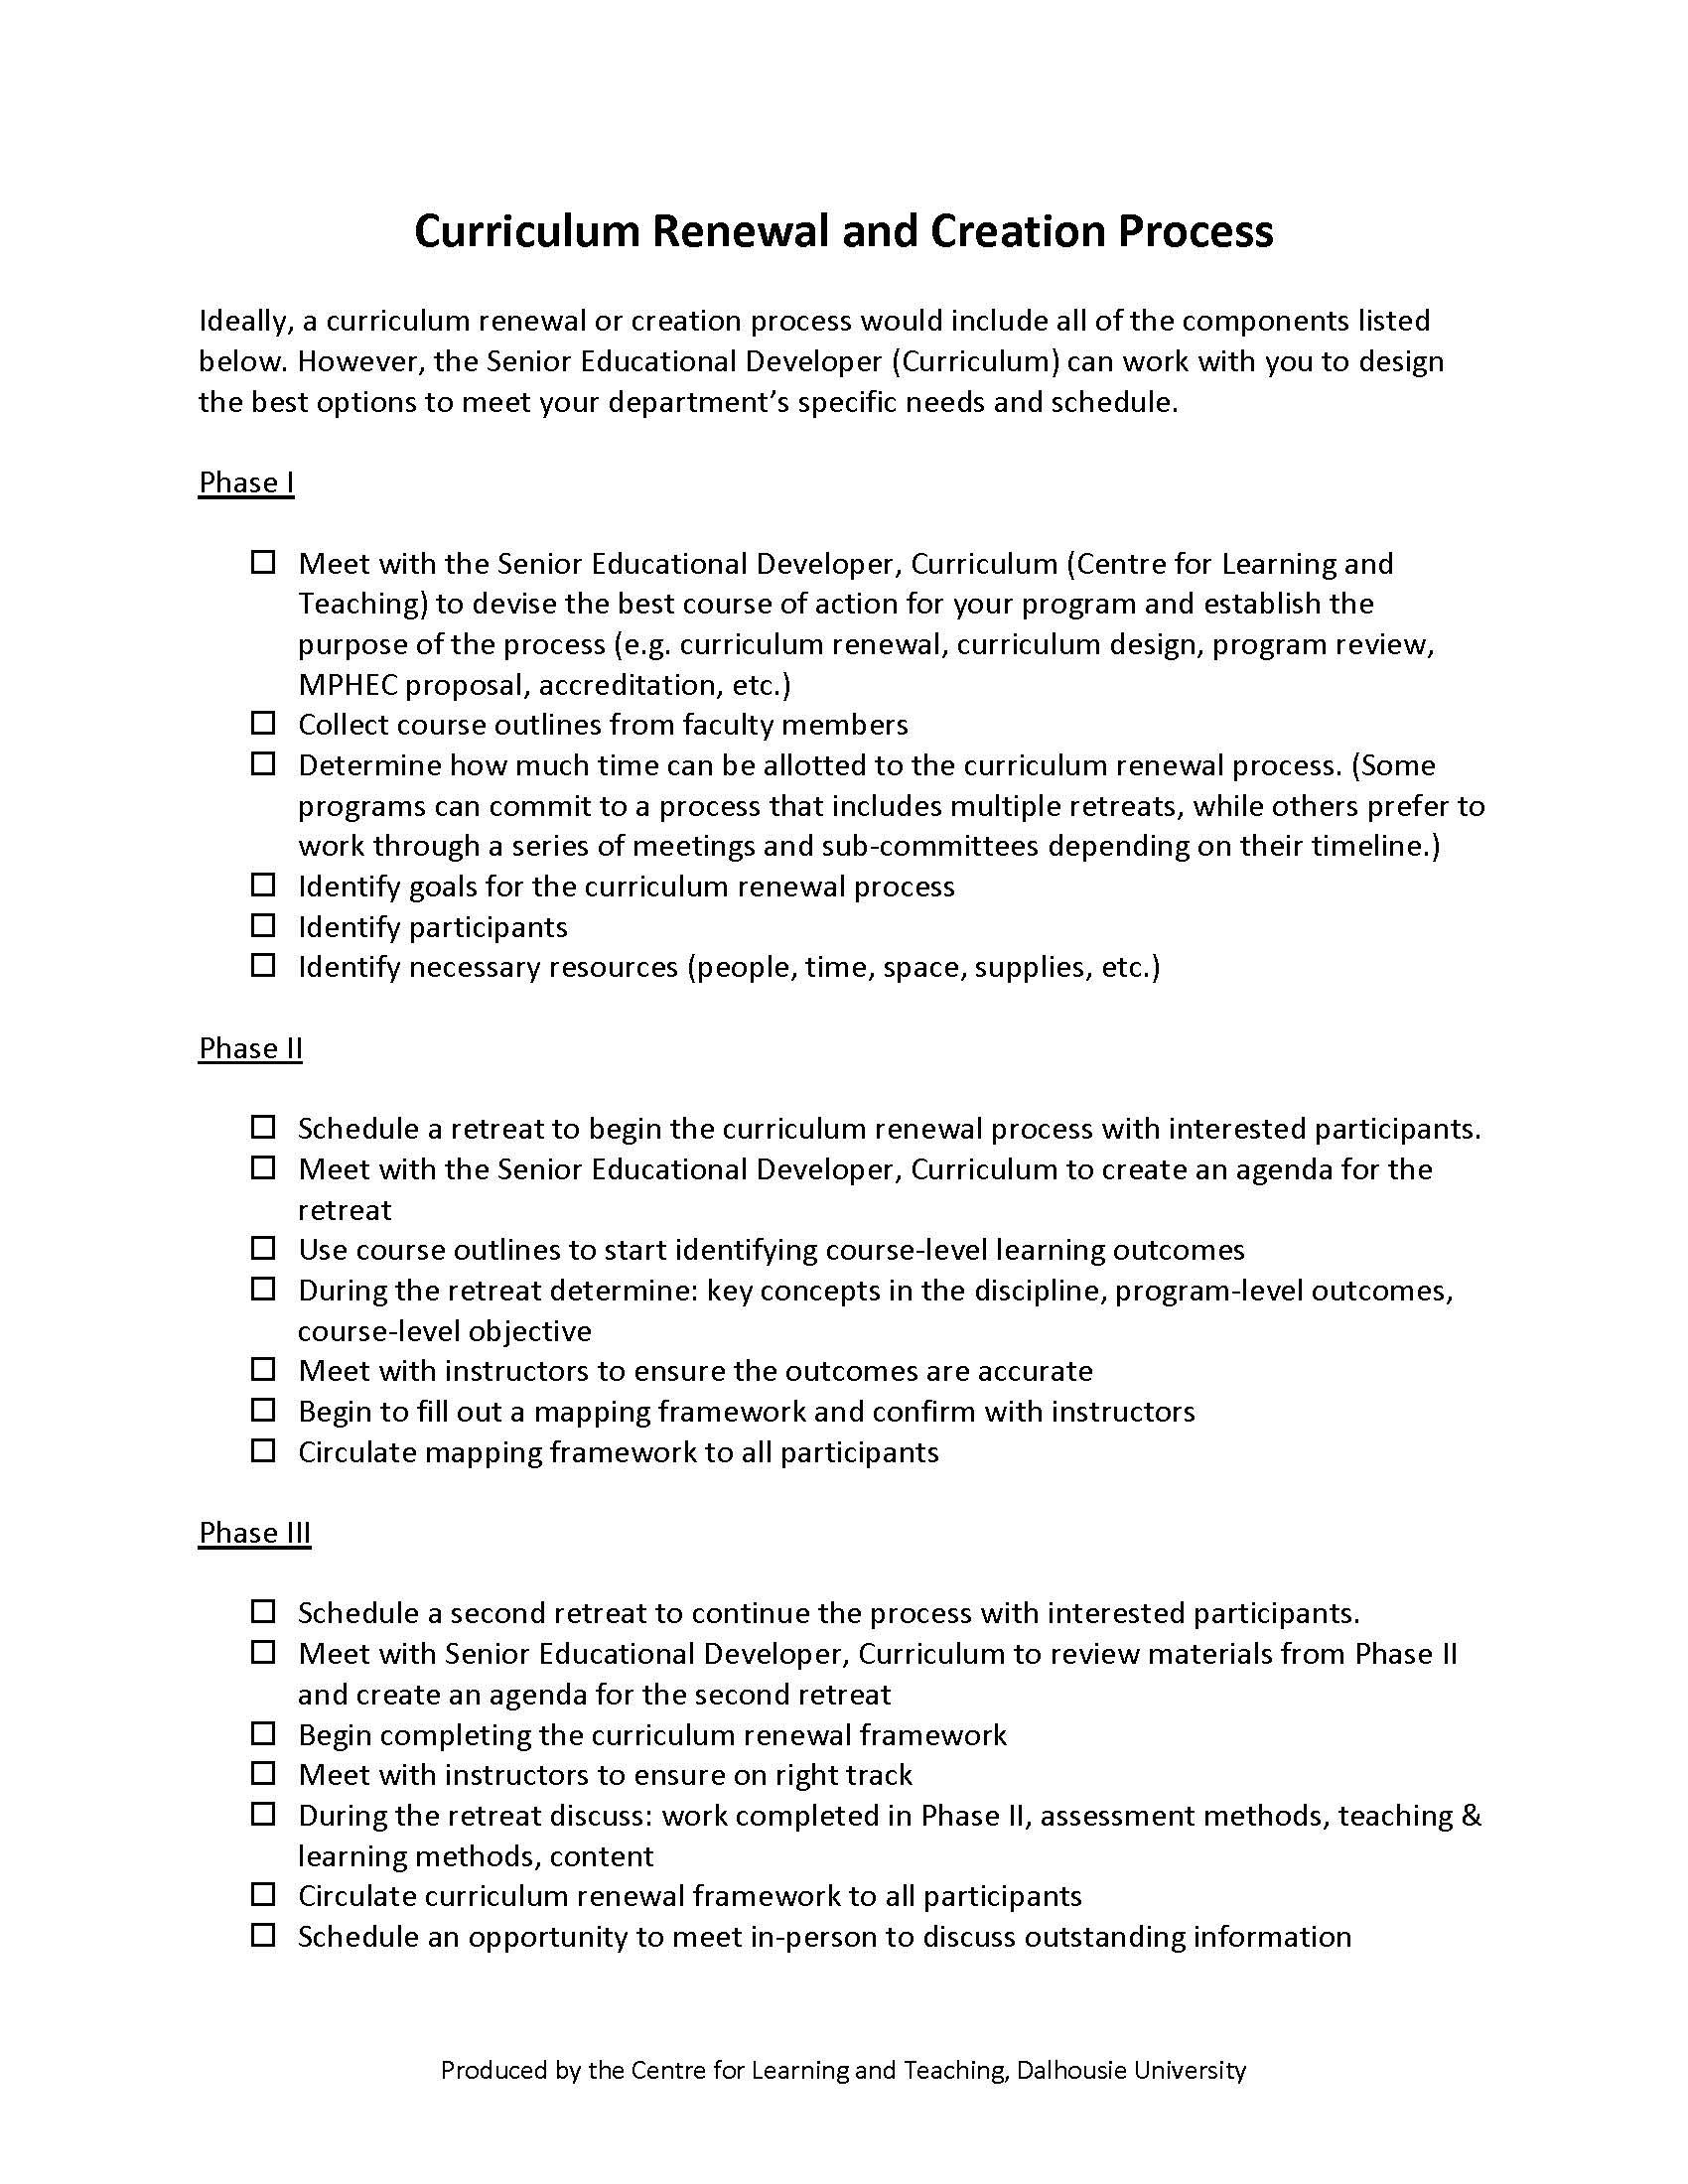 Outline Introduction Description     Explorable com